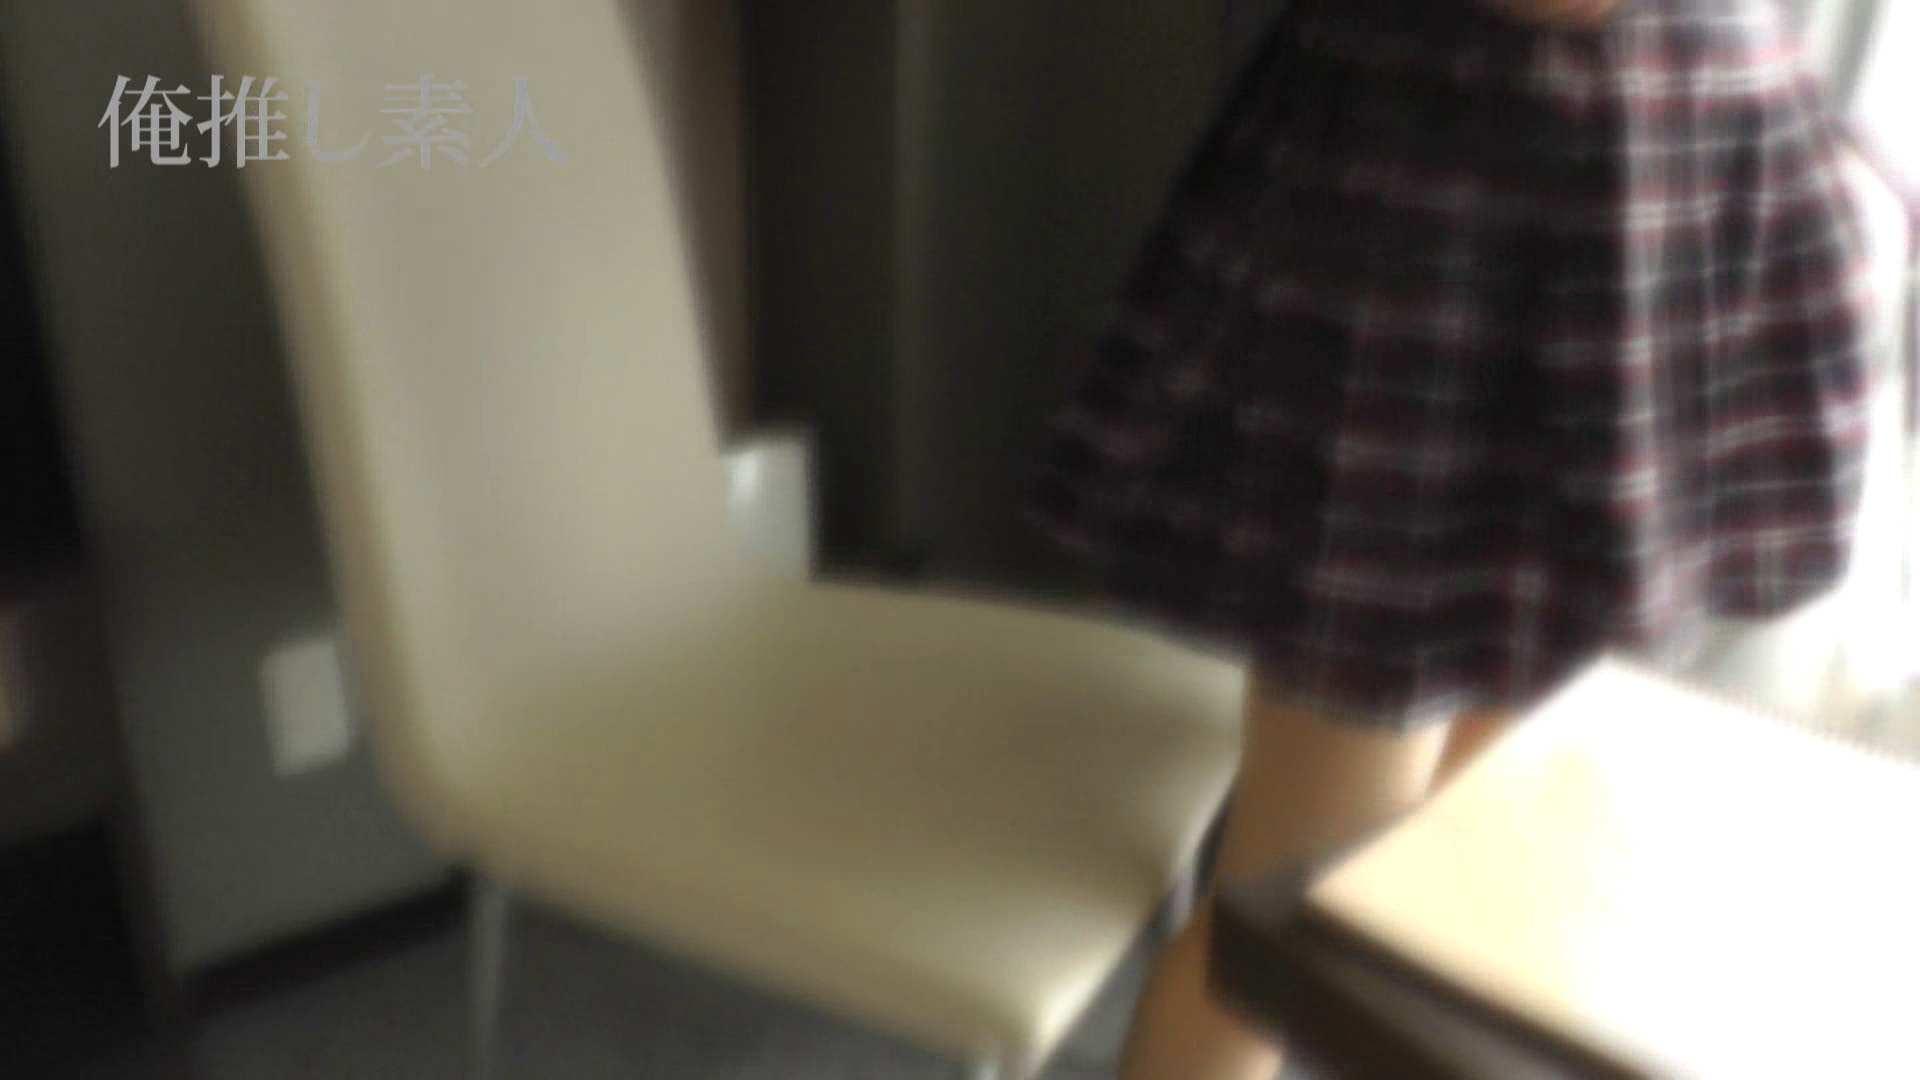 俺推し素人 キャバクラ嬢26歳久美vol6 投稿  59pic 7